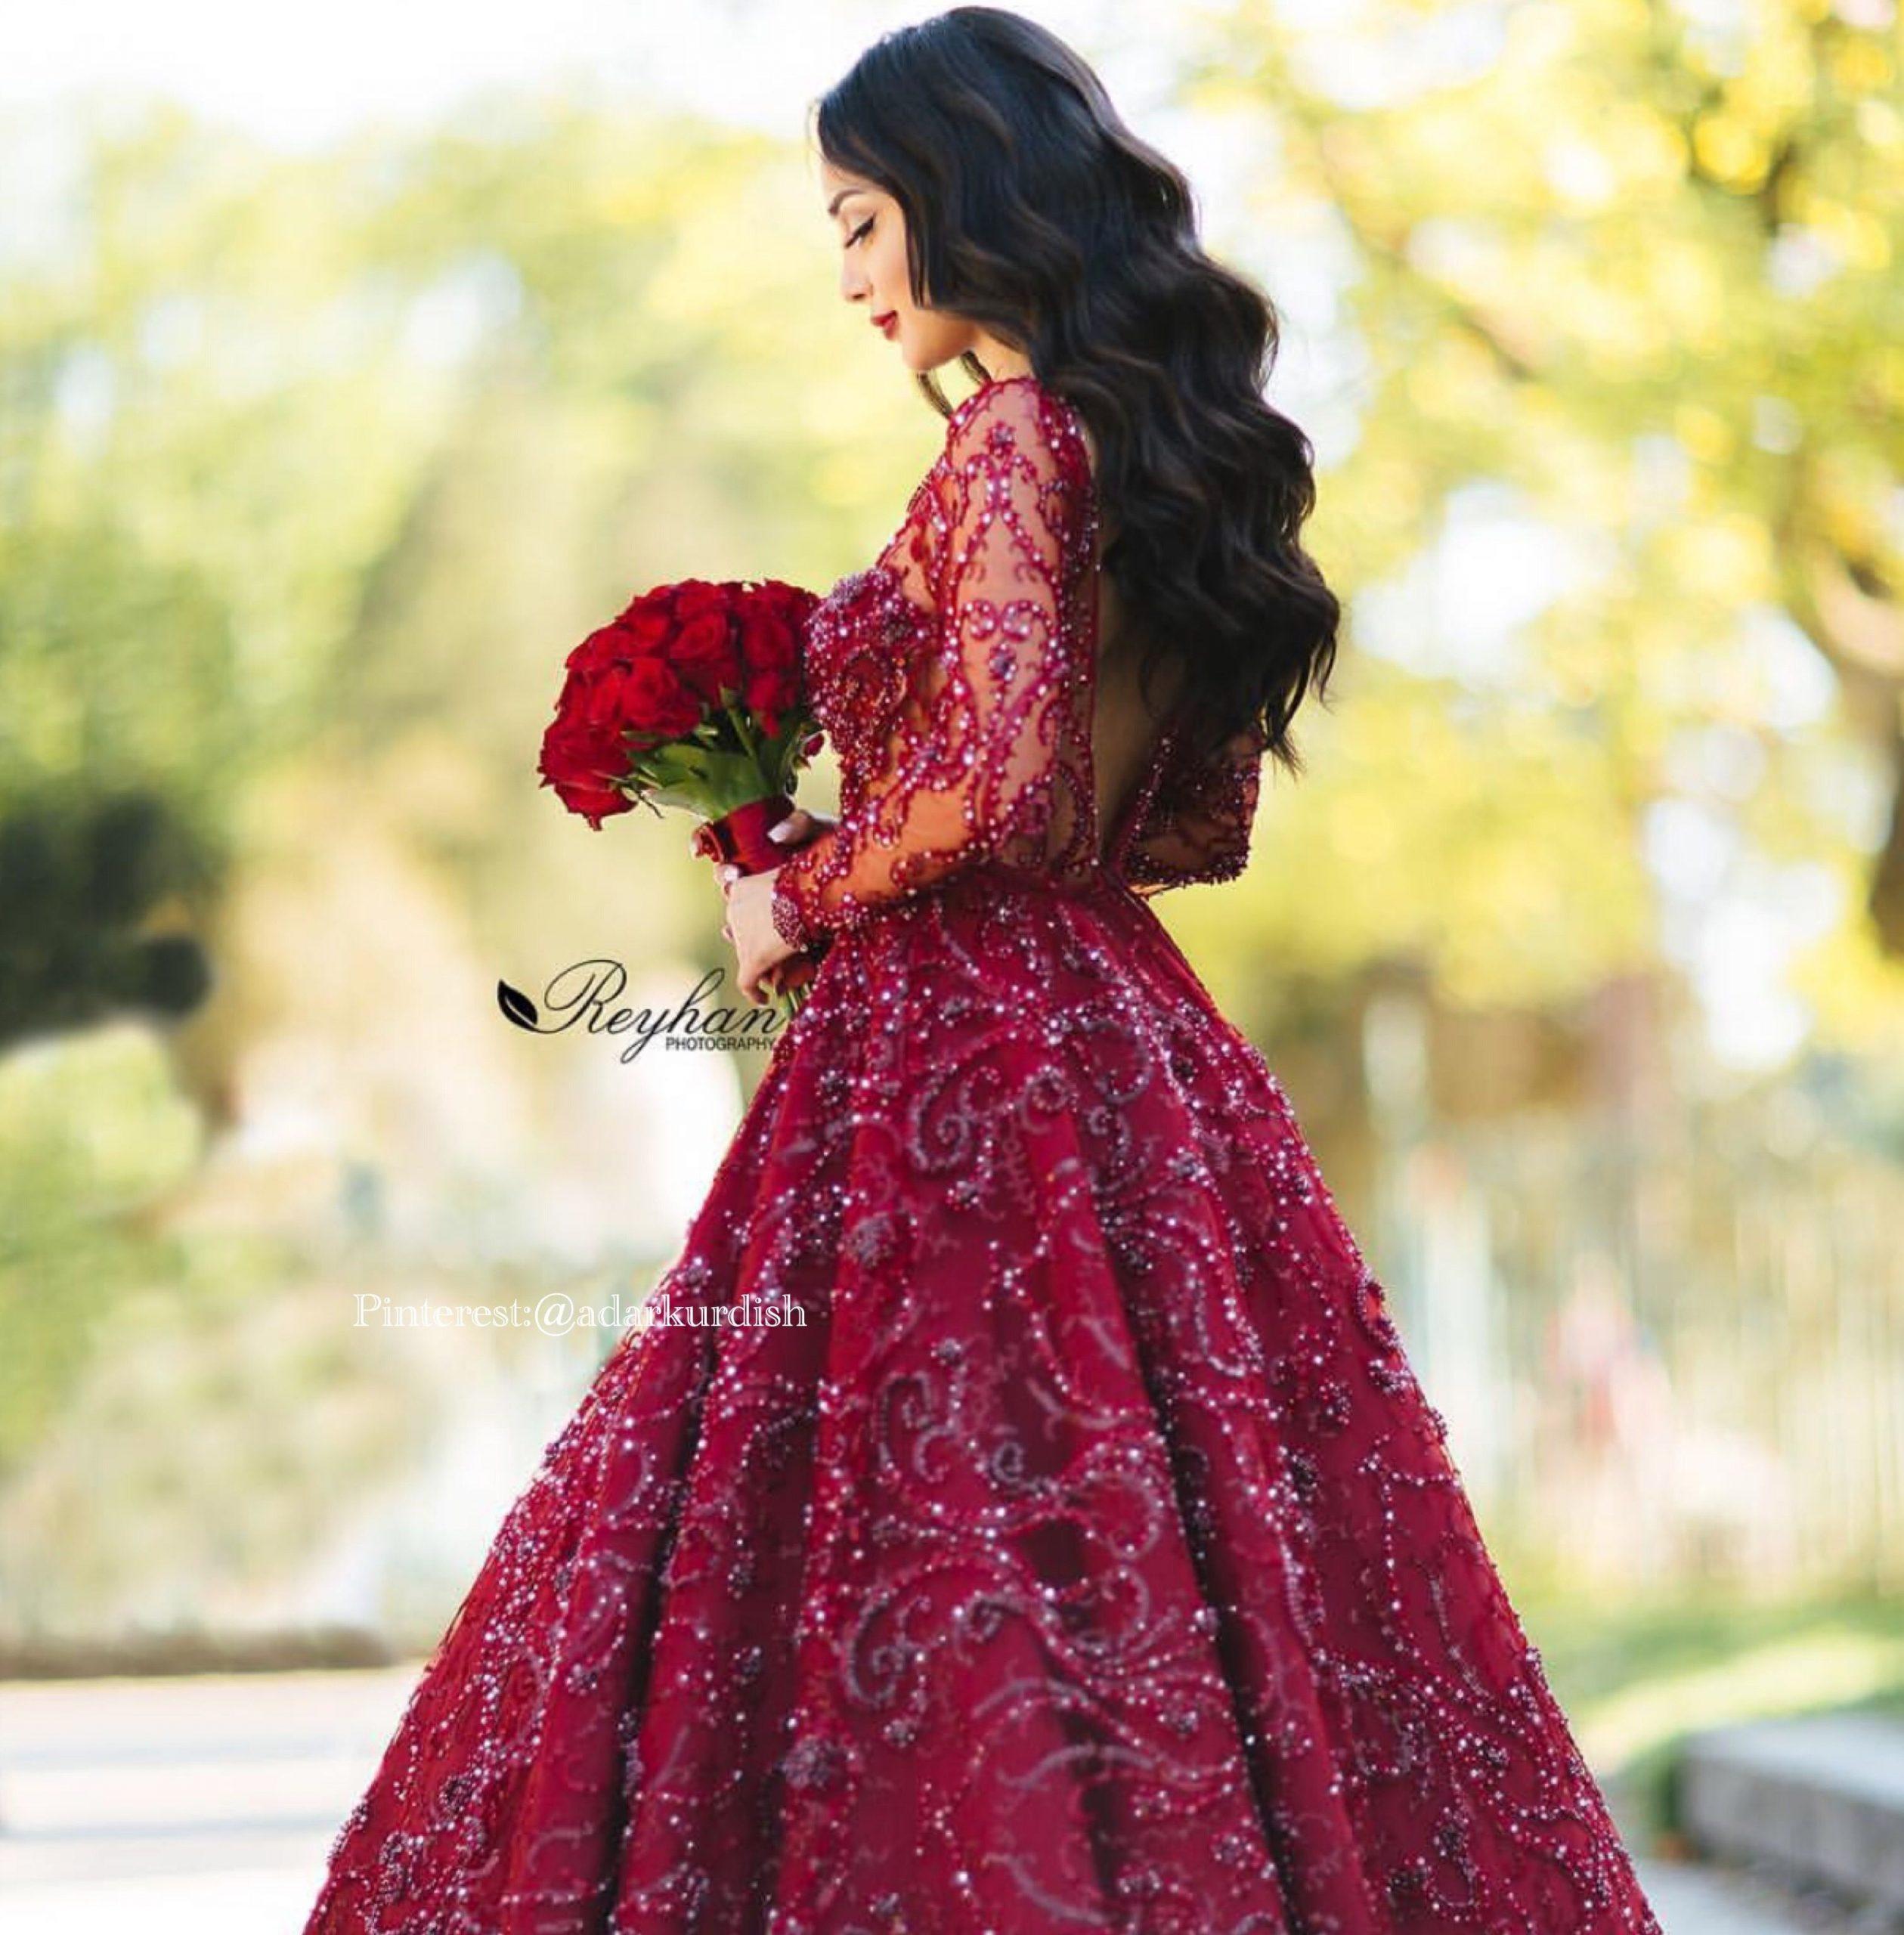 13 Elegant Rotes Kleid Henna Abend Ärmel13 Schön Rotes Kleid Henna Abend Galerie